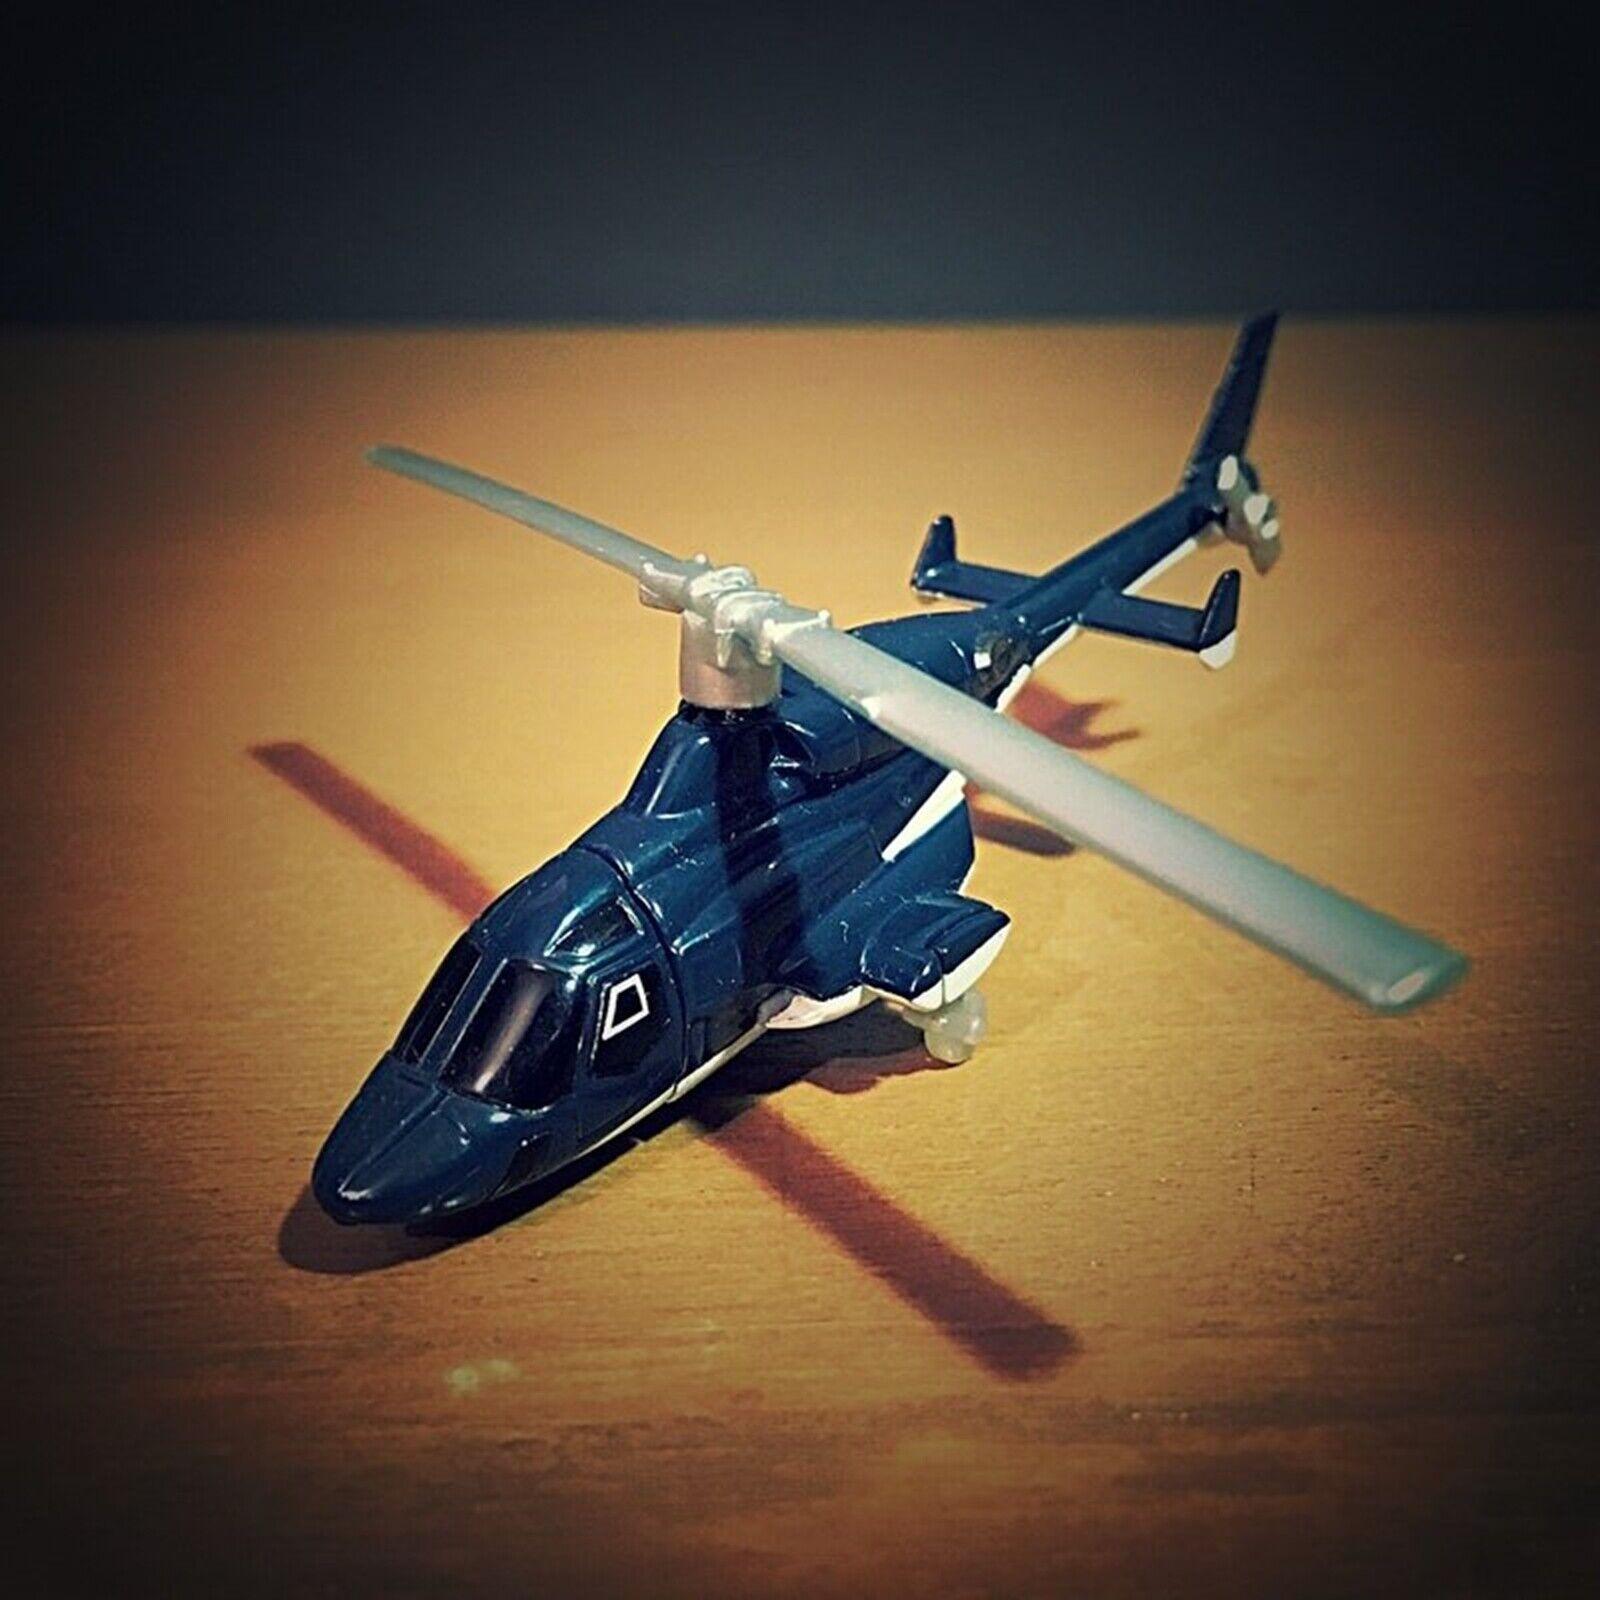 Hot Wheels Japonés Helicóptero Airwolf Plateado y Negro CW40 Mini Coche Raro